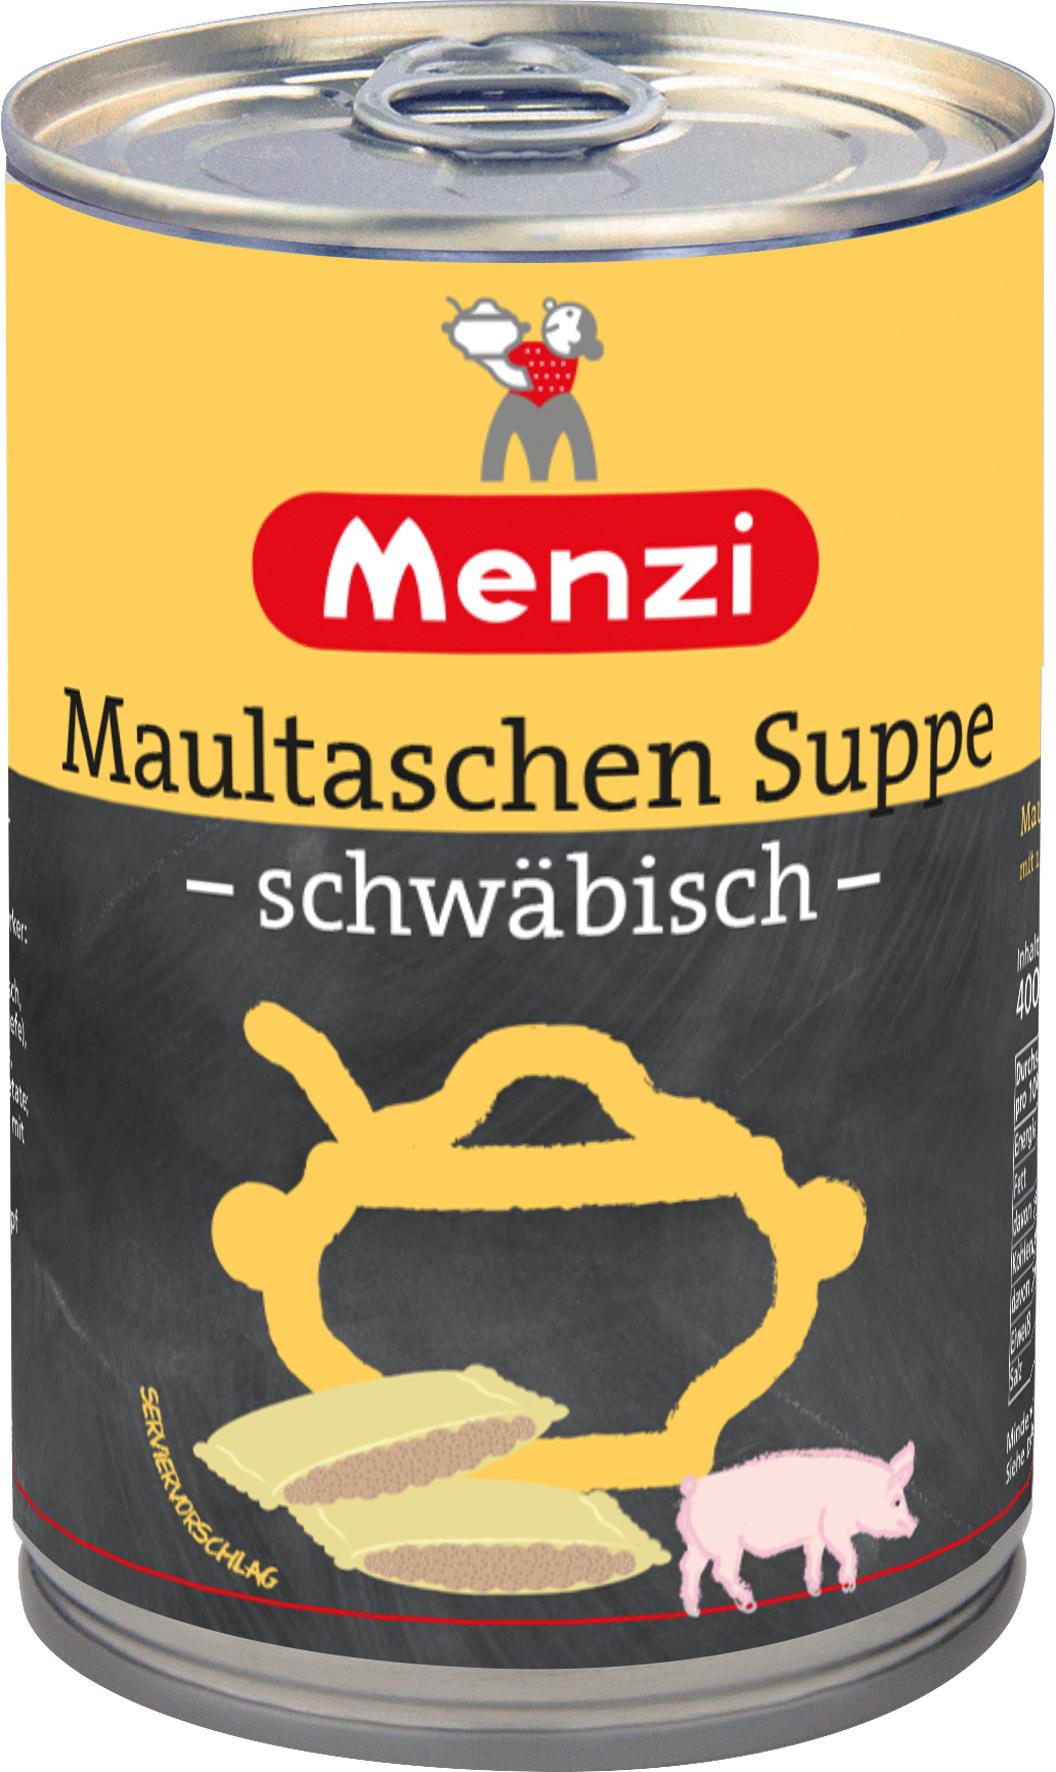 maultaschensuppe-schwabisch-von-menzi-400ml